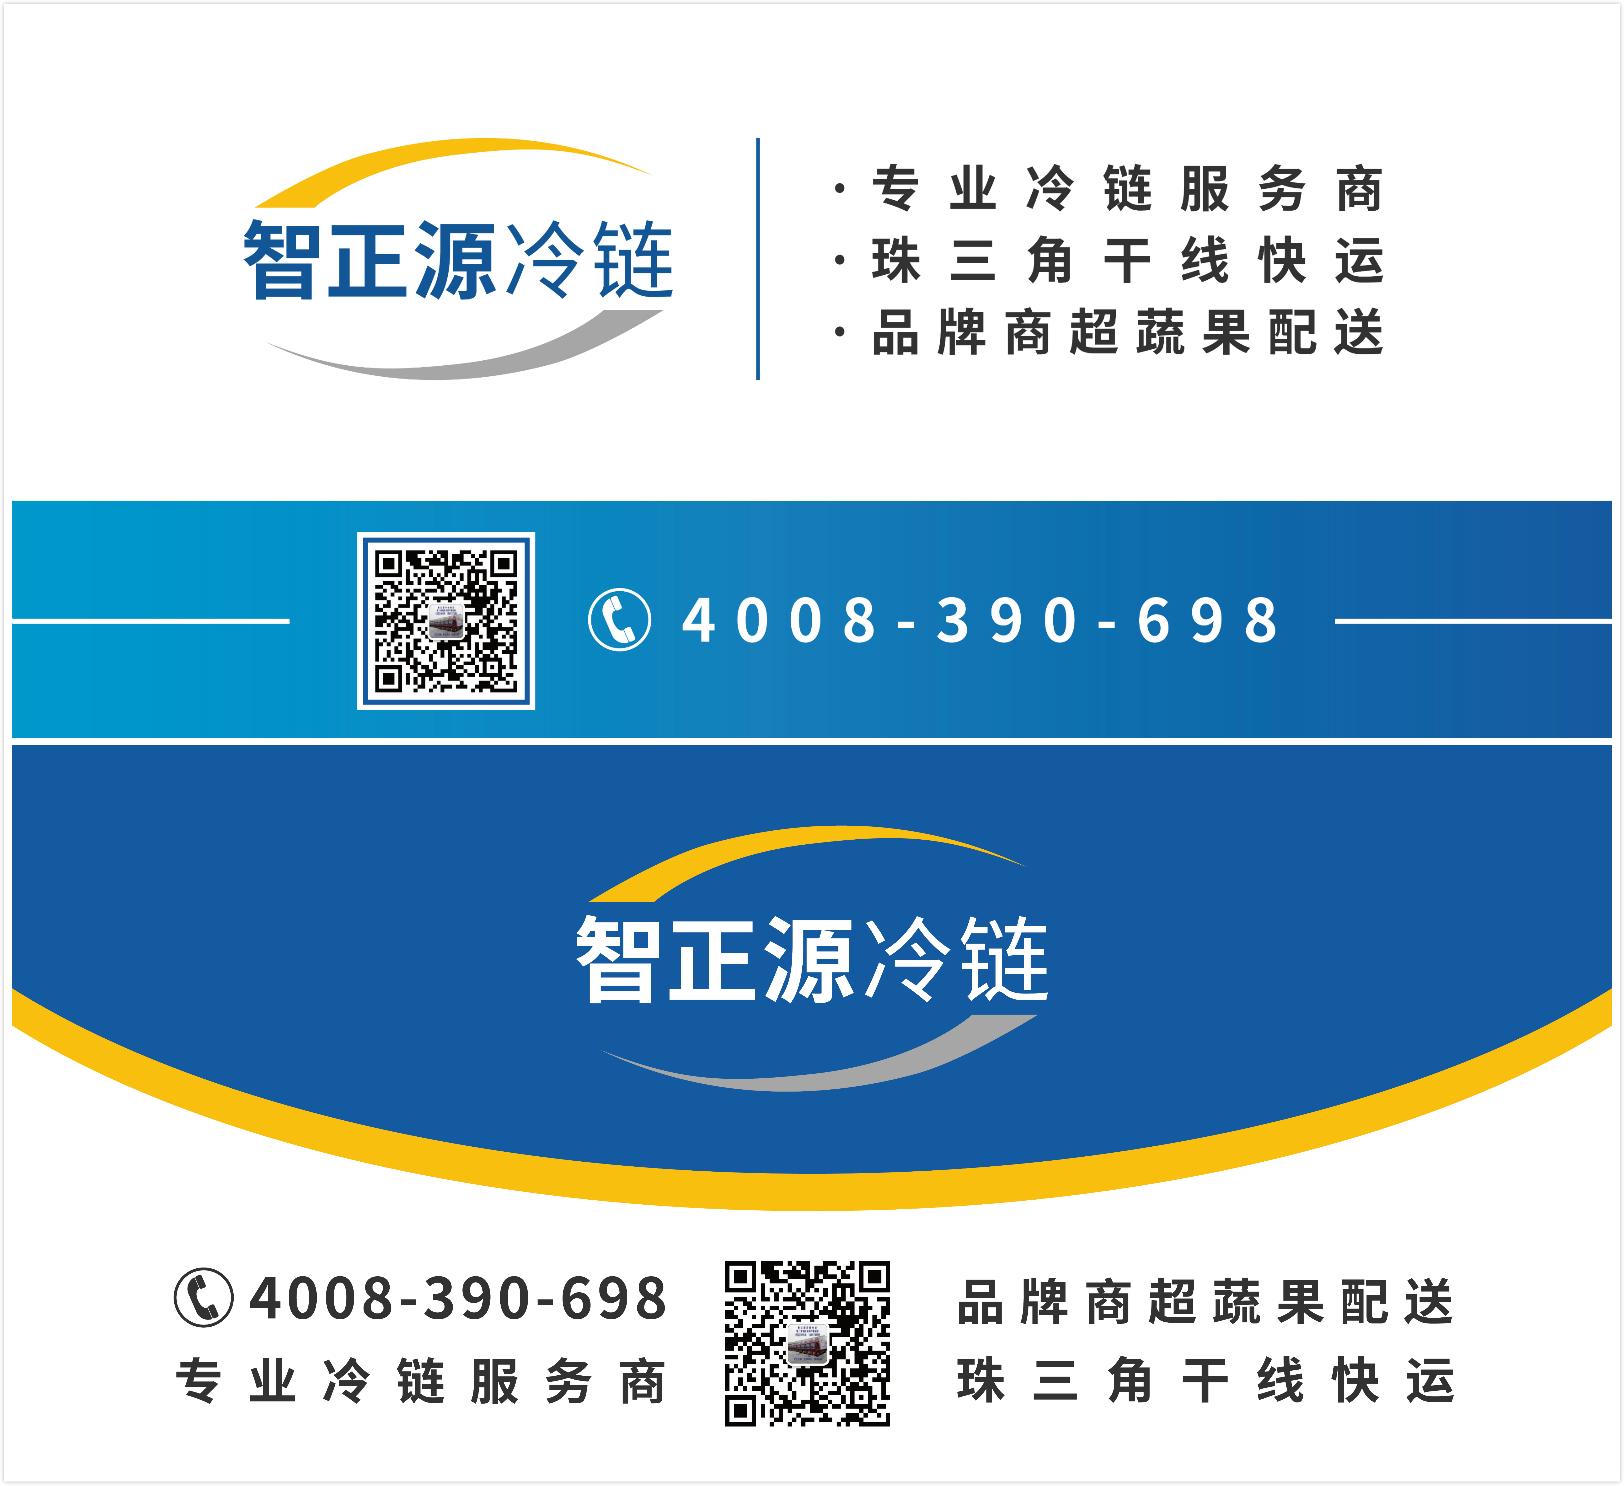 微信图片_20201026161339.jpg